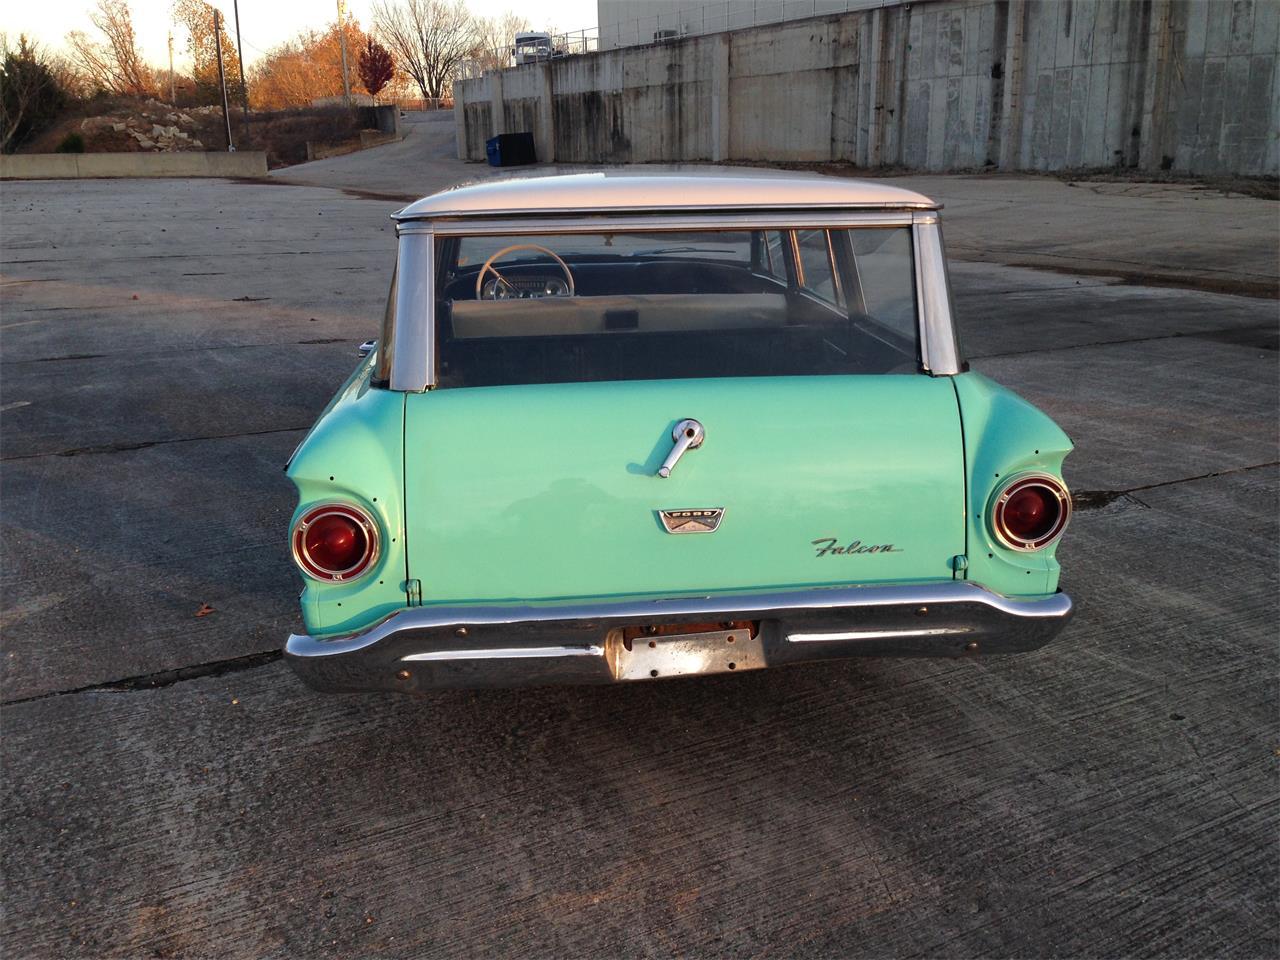 1961 Ford Falcon (CC-1033513) for sale in Branson, Missouri